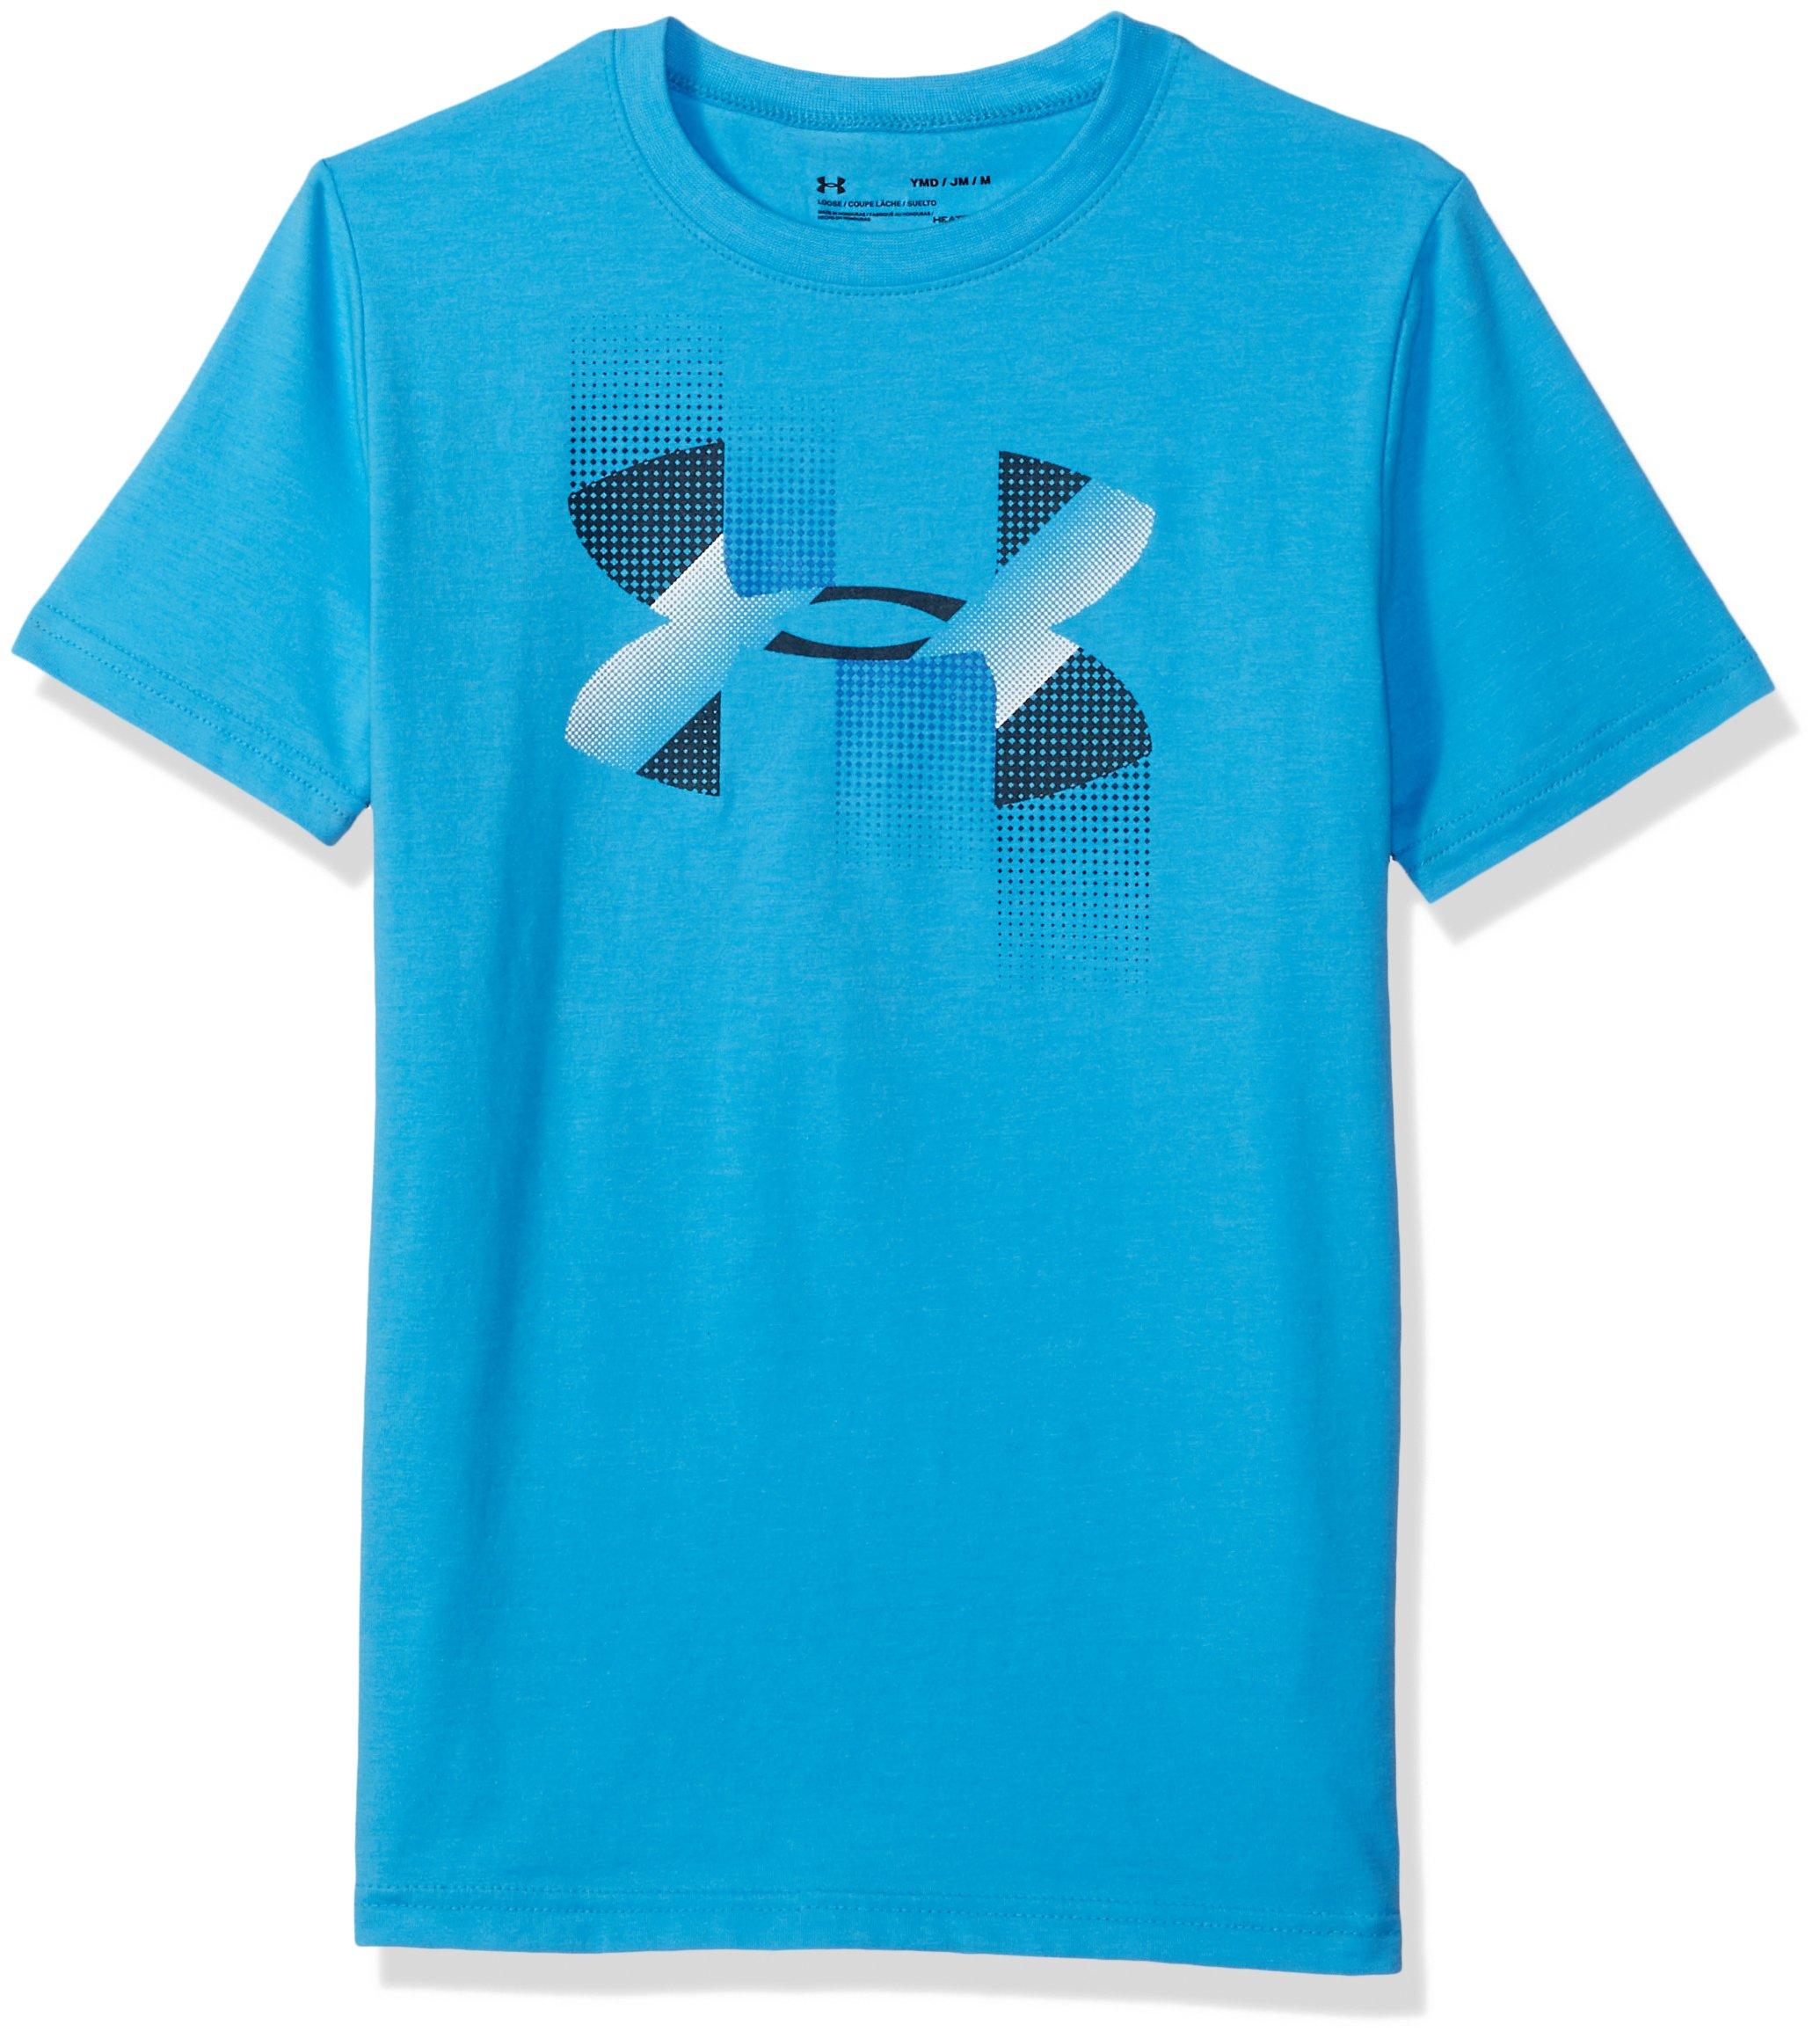 Under Armour Boys' Rapid Logo T-Shirt, Canoe Blue (713)/Academy, Youth Medium